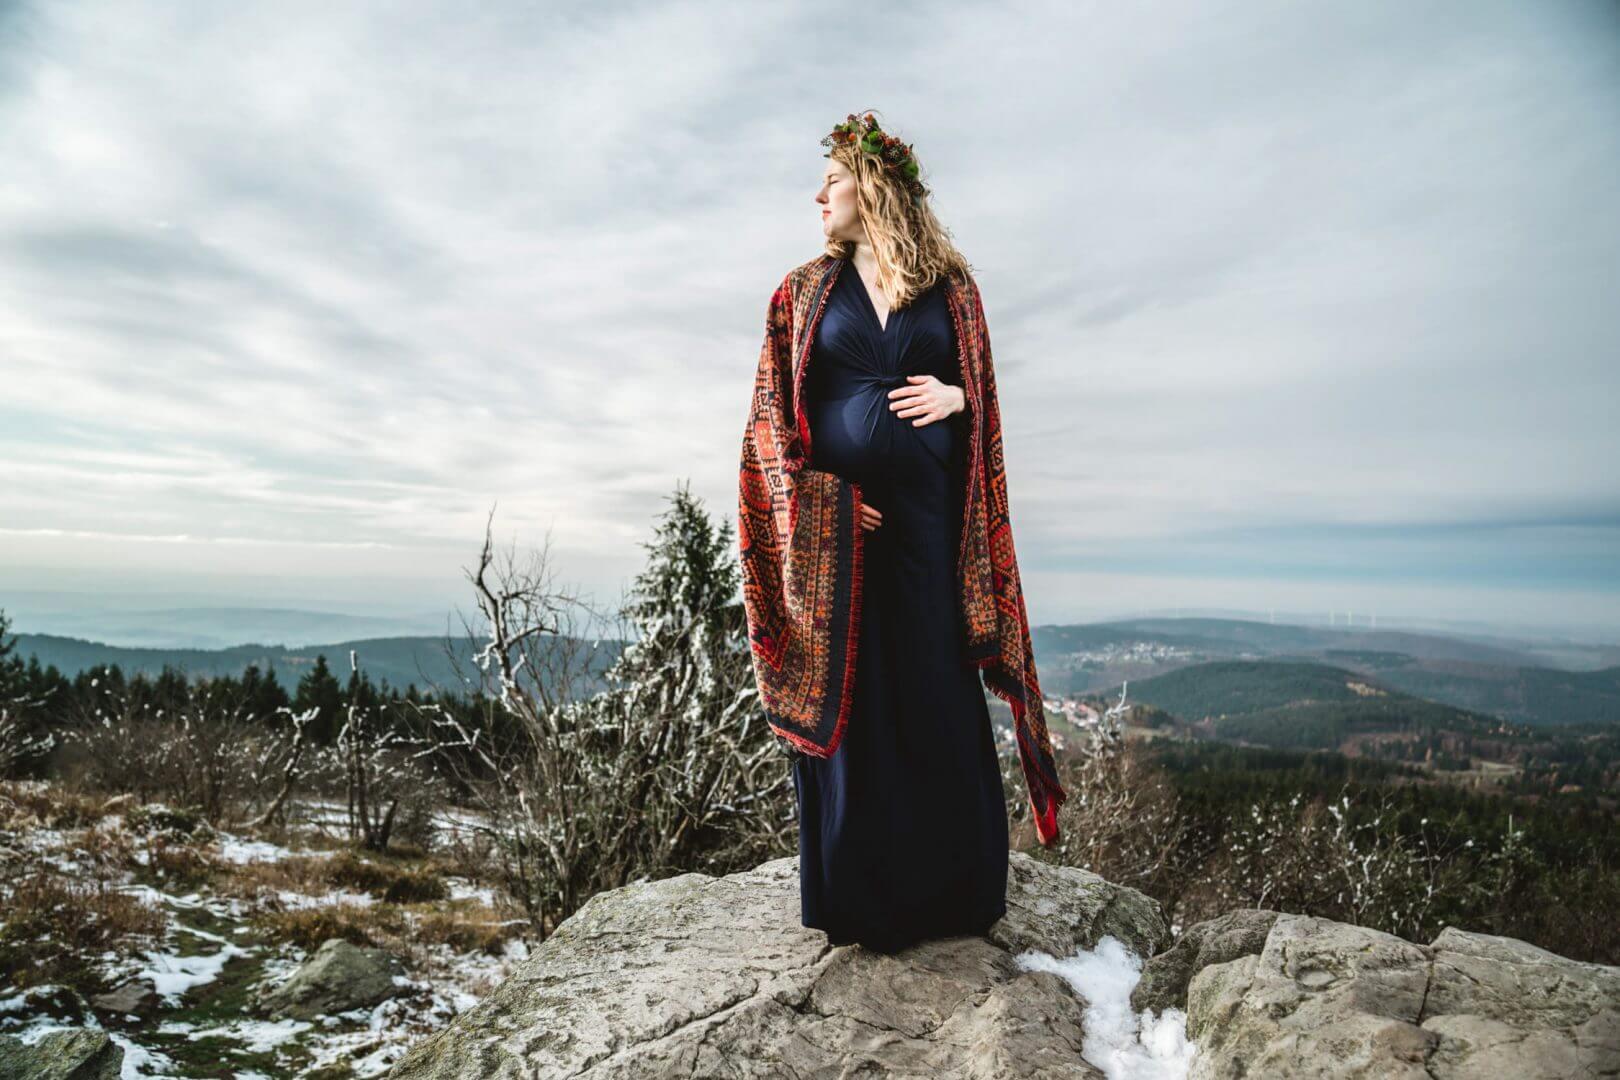 Schwangere steht in blauem Kleid auf Berg und blickt in die Ferne